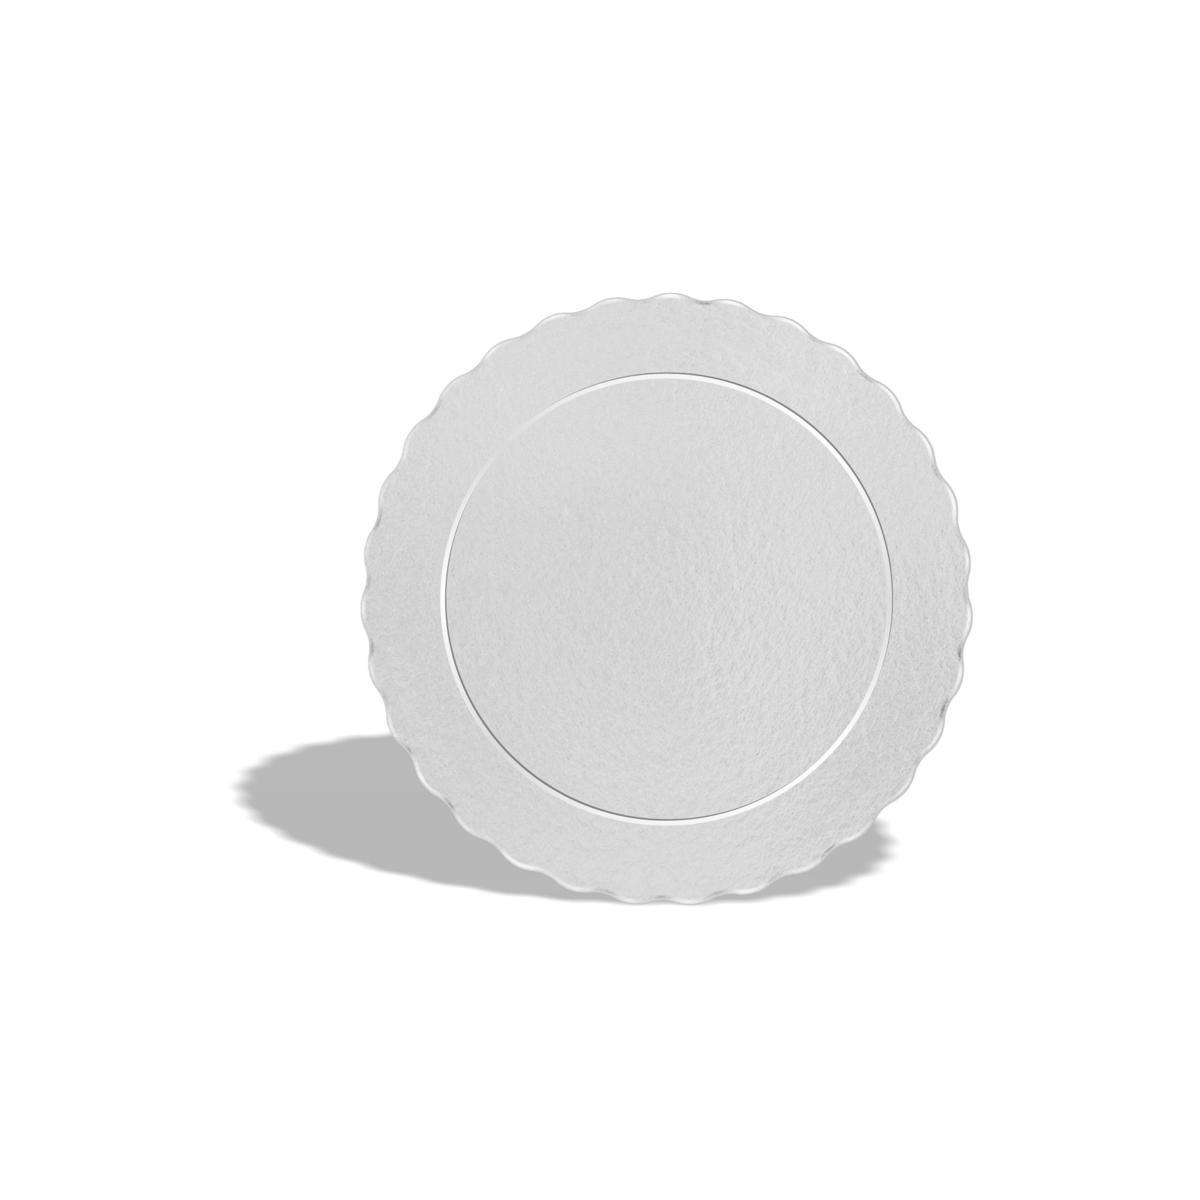 50 Bases Laminadas Para Bolo Redondo, Cake Board 12cm - Branco